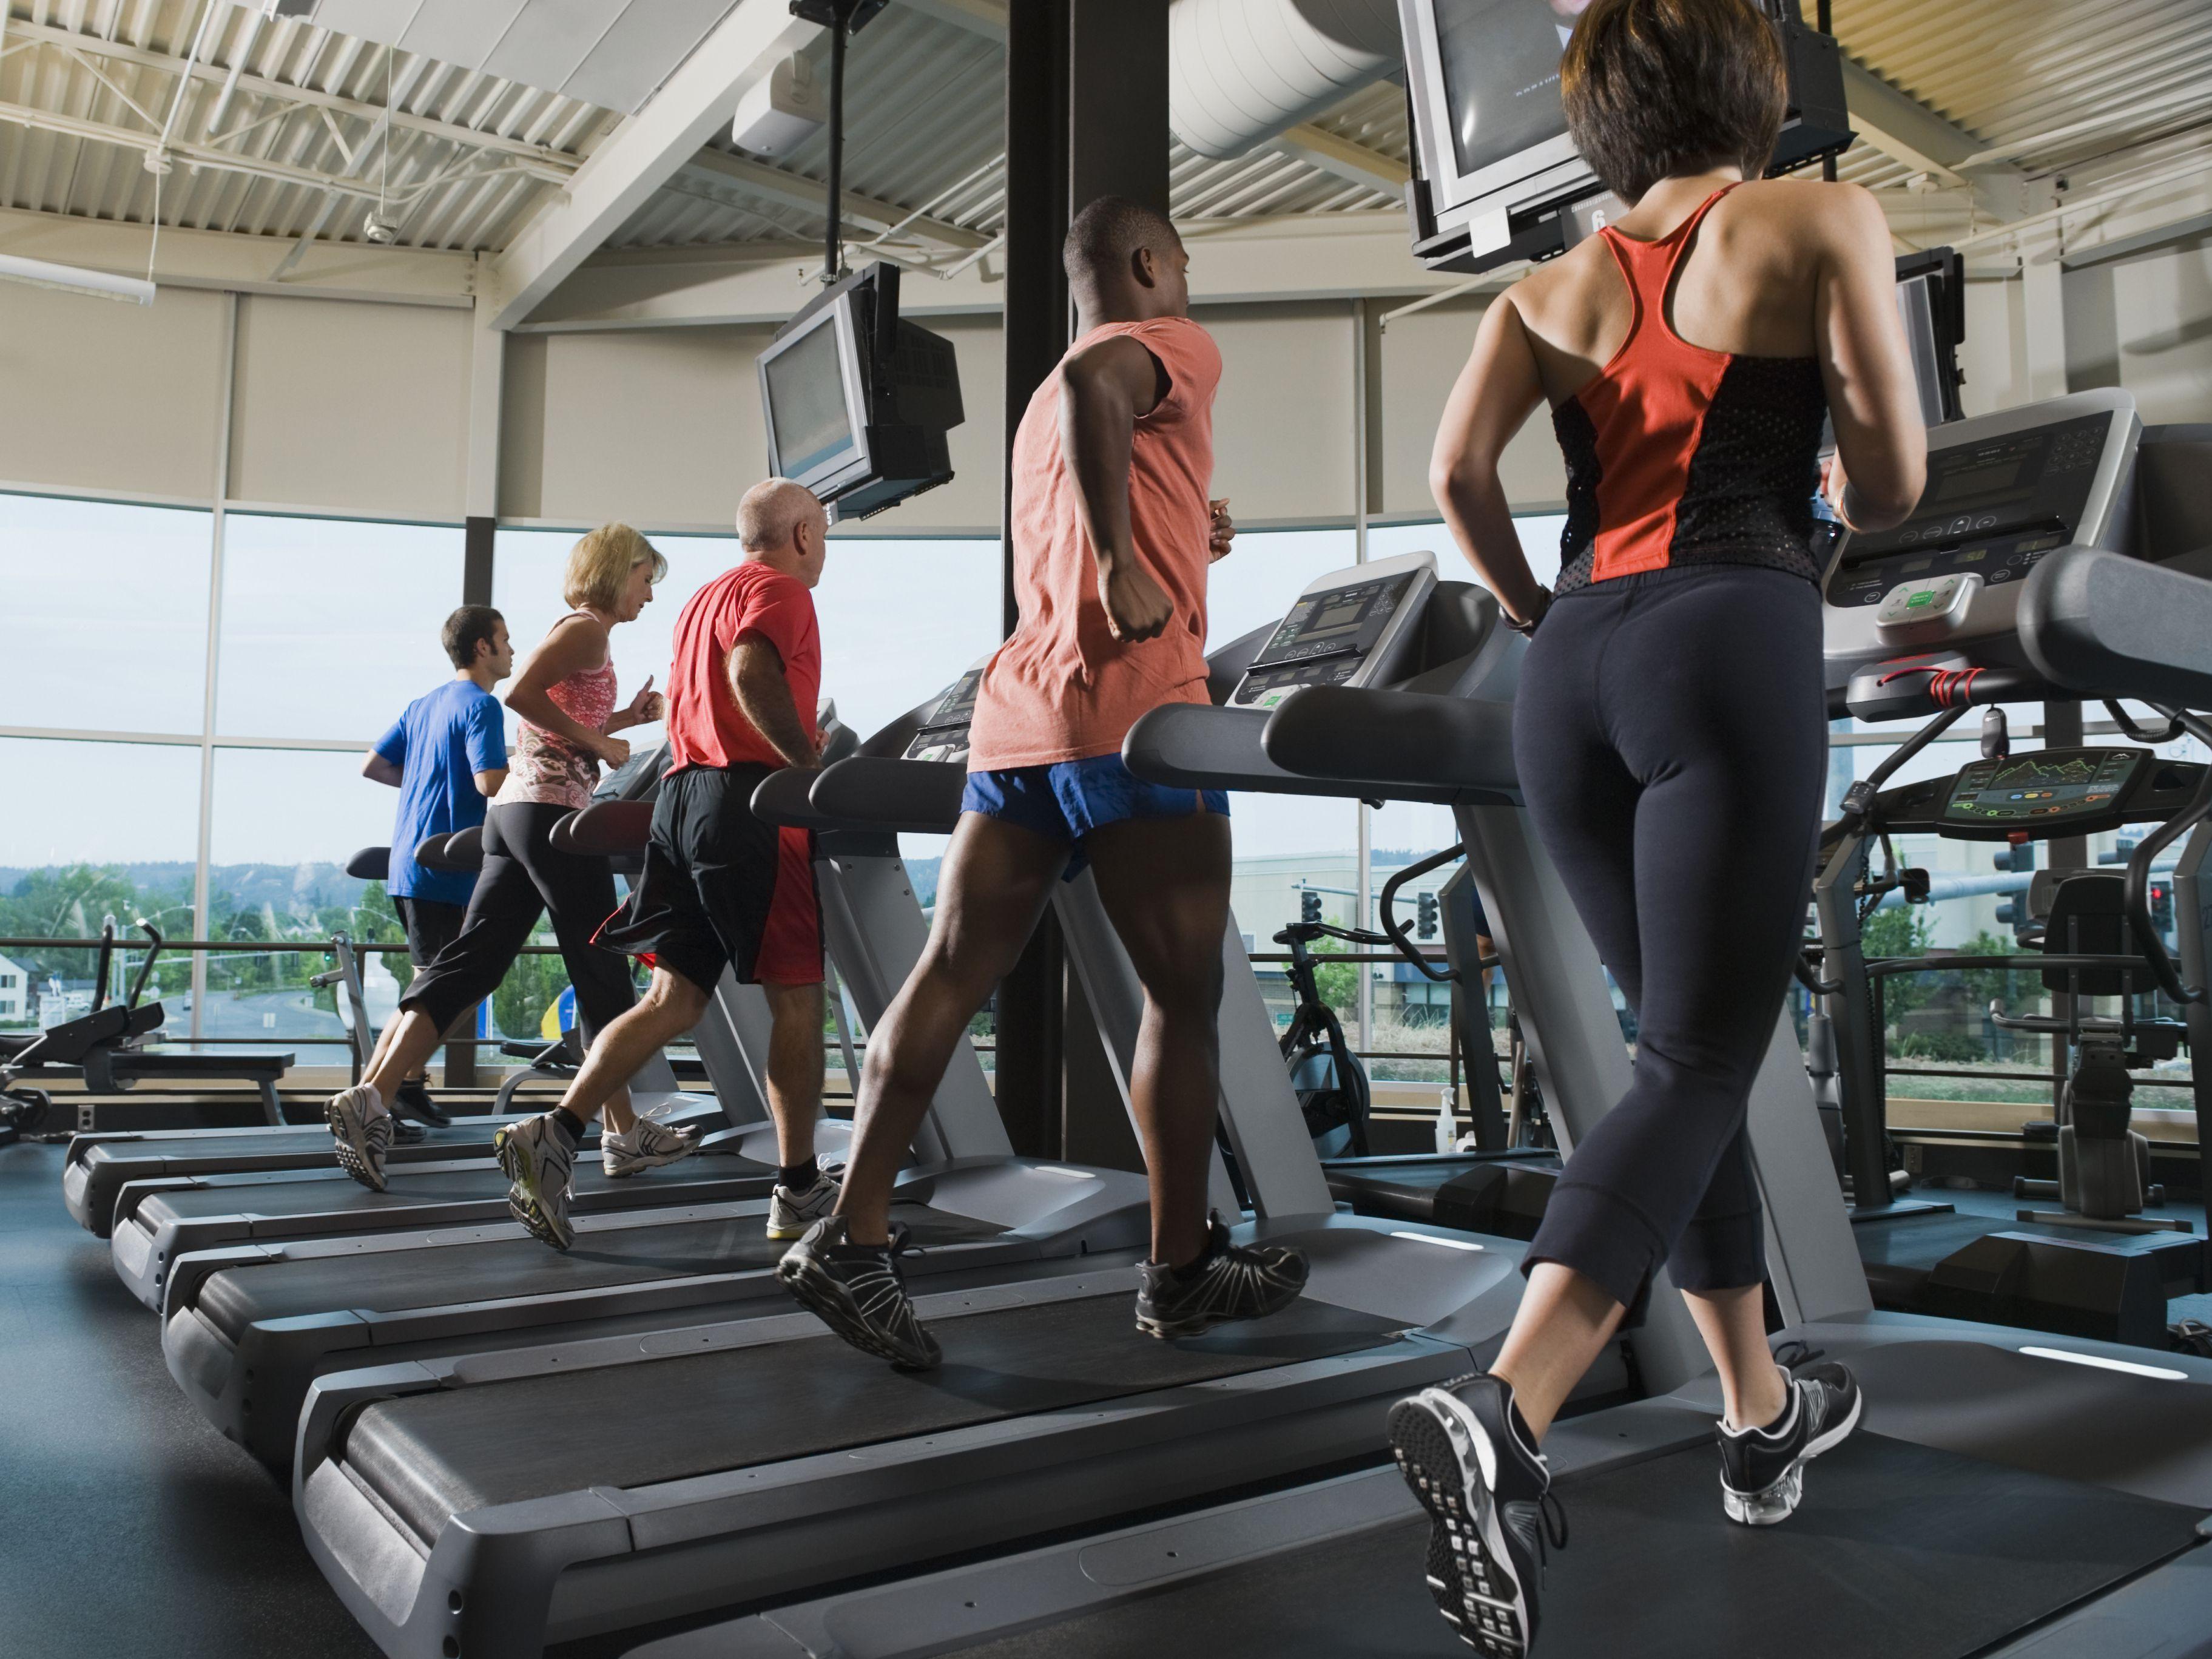 runners on treadmills